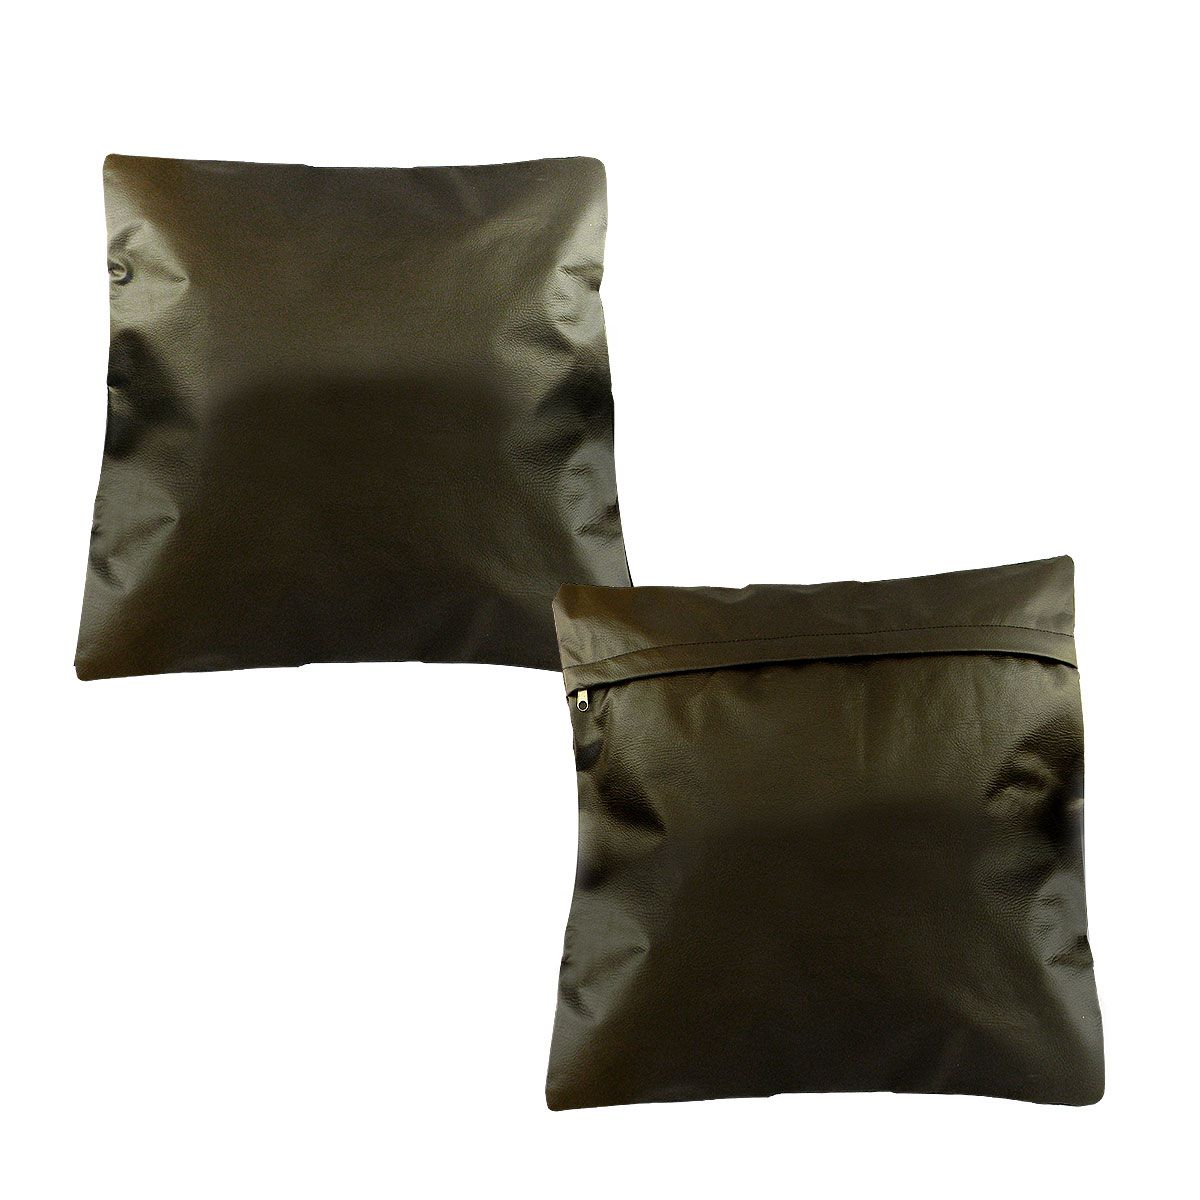 Kit 6 Capa para almofada em Corino 40 x 40 cm Impermeável